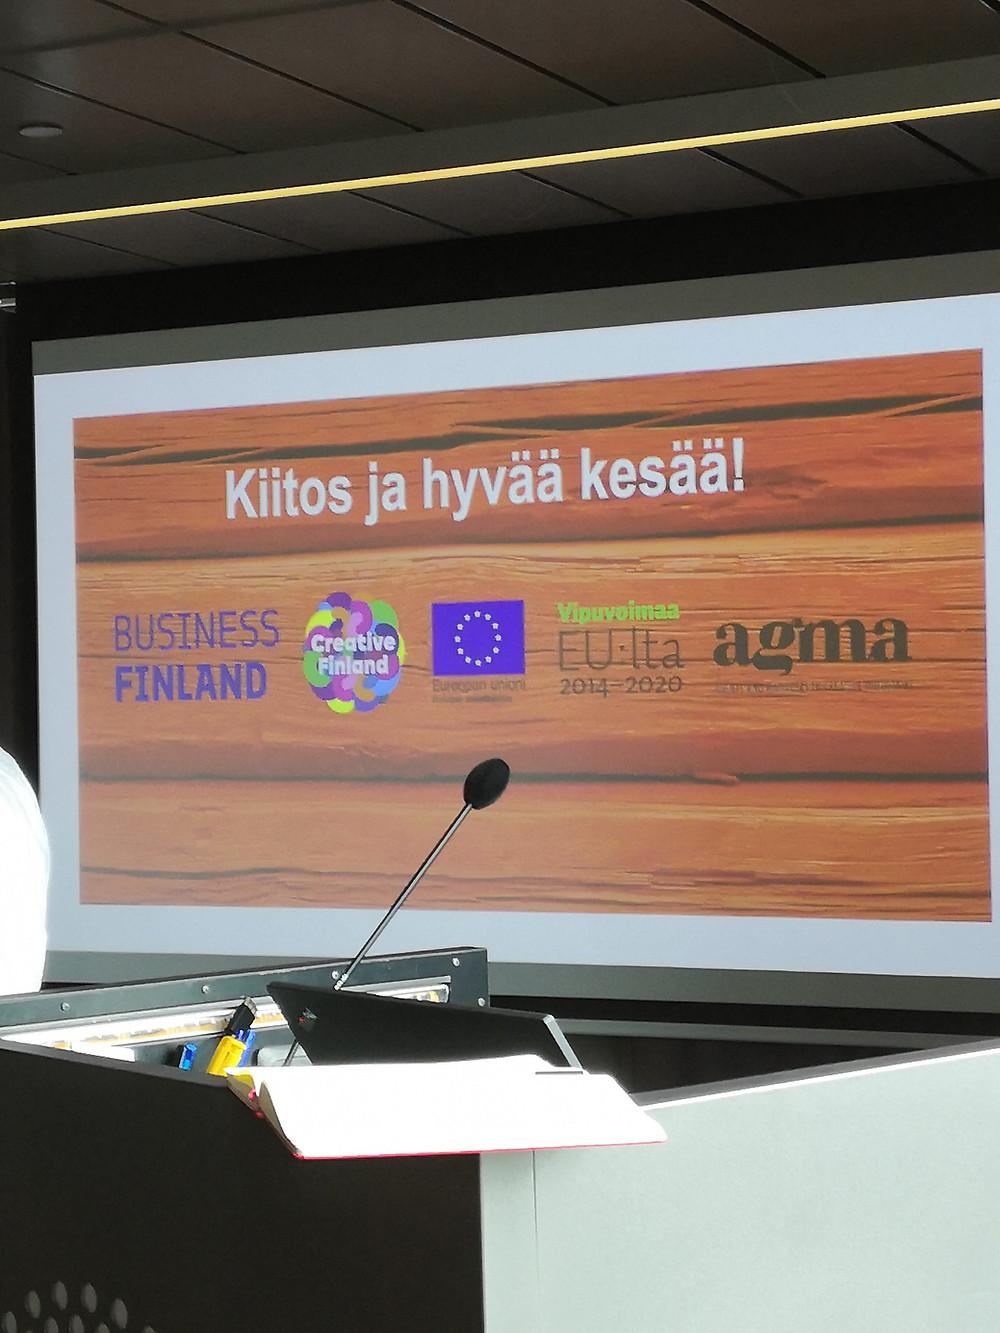 """Valkokangas, jolle heijastettu kuva punamullalla maalatusta hirsiseinästä, jonka päällä valkoinen teksti """"Kiitos ja hyvää kesää!"""" sekä Business Finlandin, Creative Finlandin, EU:n sosiaalirahaston, Vipuvoimaa EU:lta 2014-2020 ja AGMAn logot."""